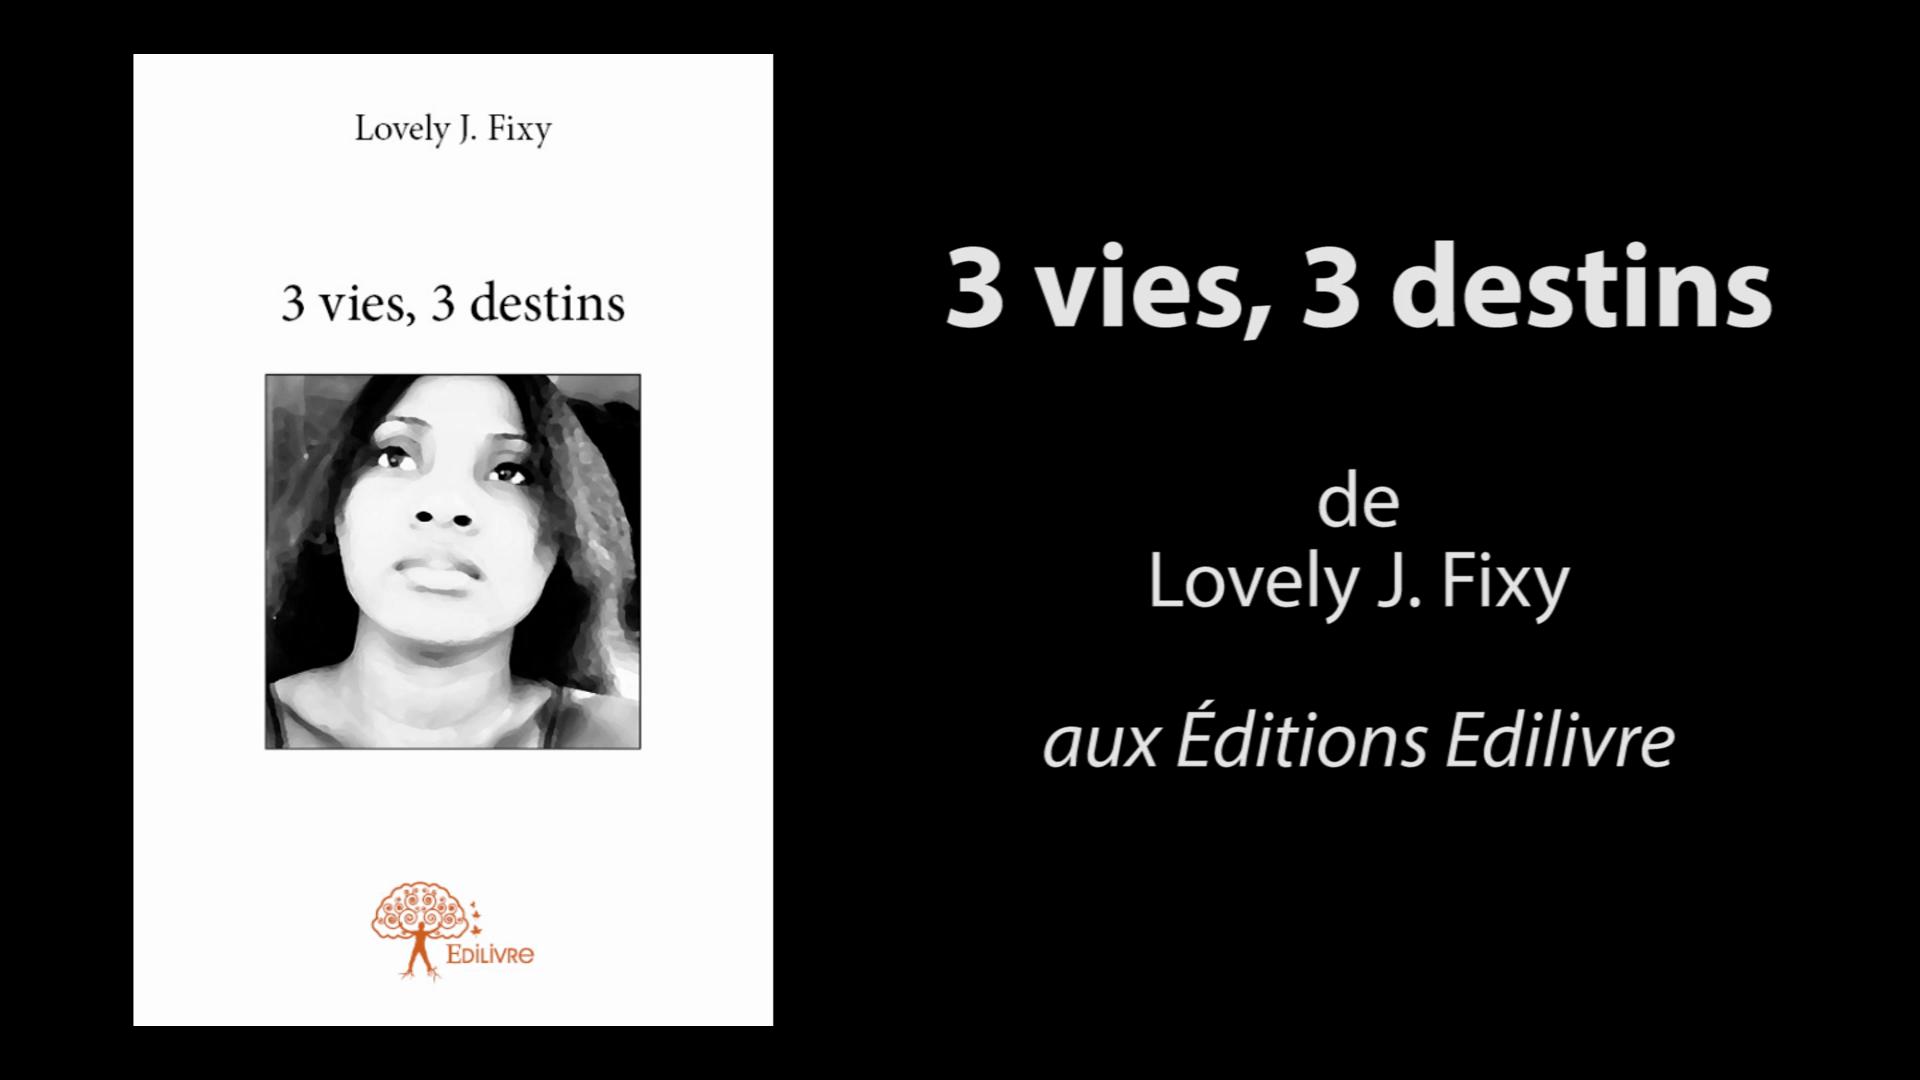 Bande_annonce_3_vies,_3_destins_Edilivre